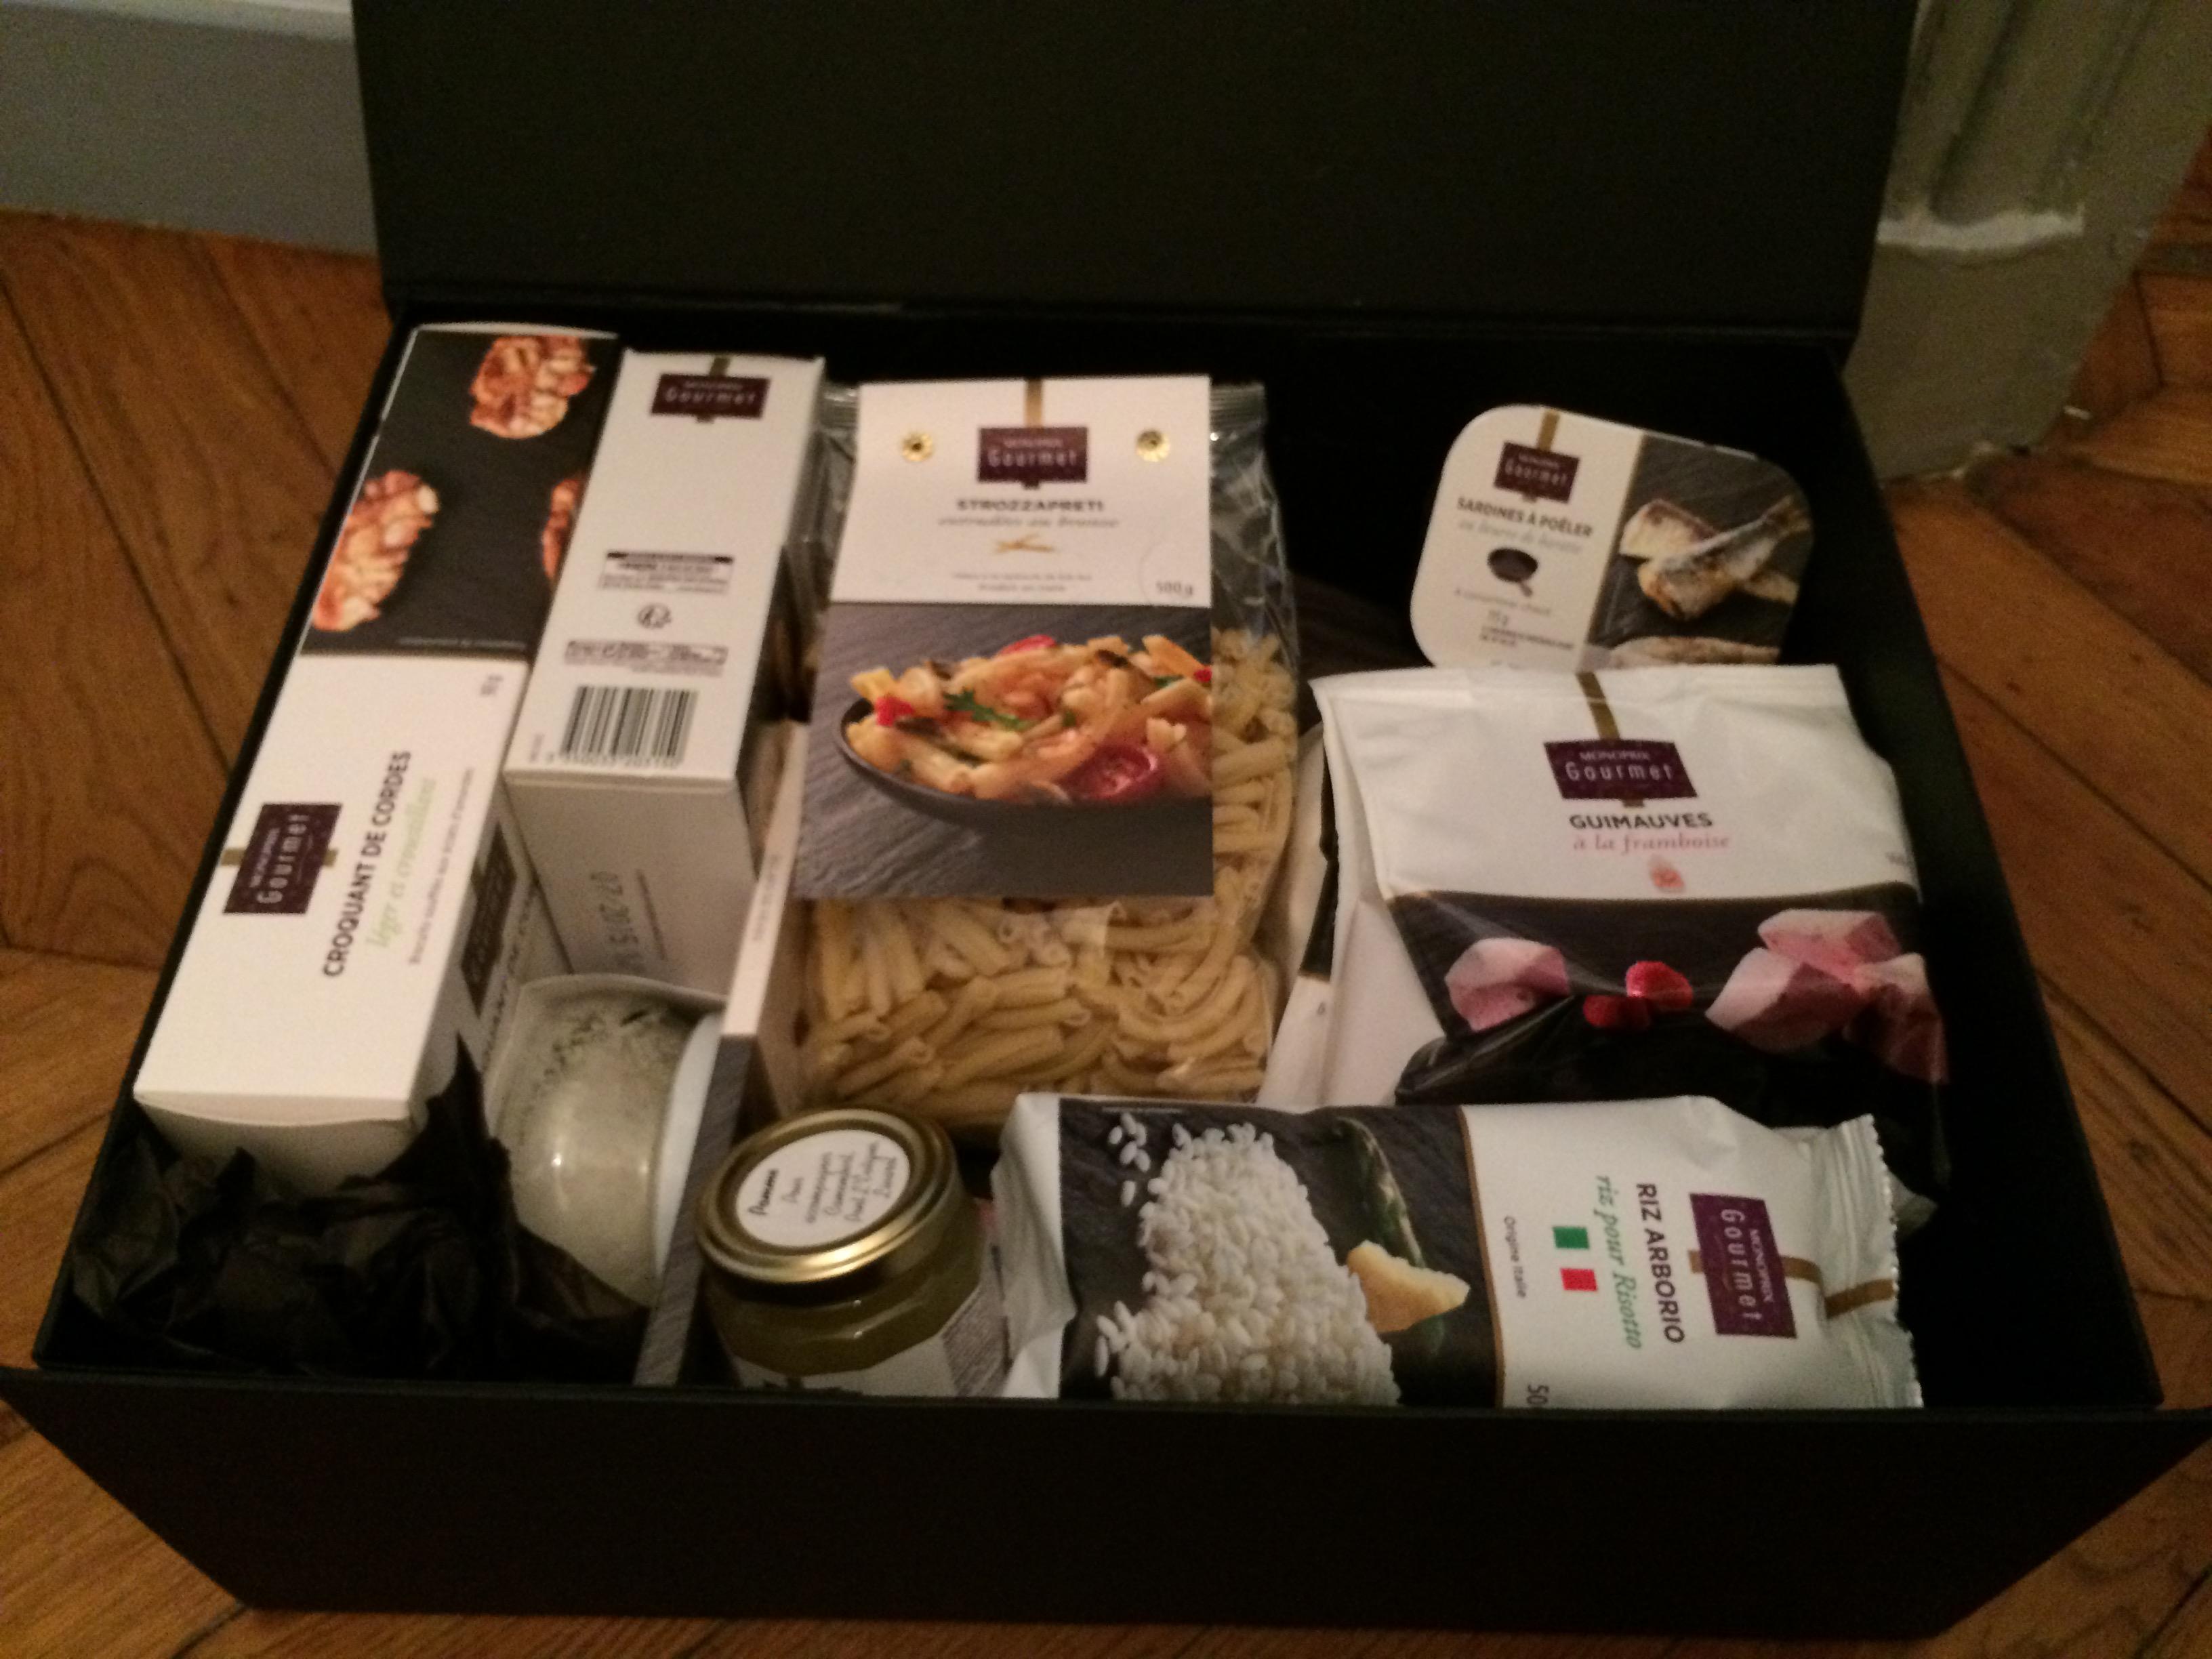 La Box Monoprix Gourmet [+Concours]